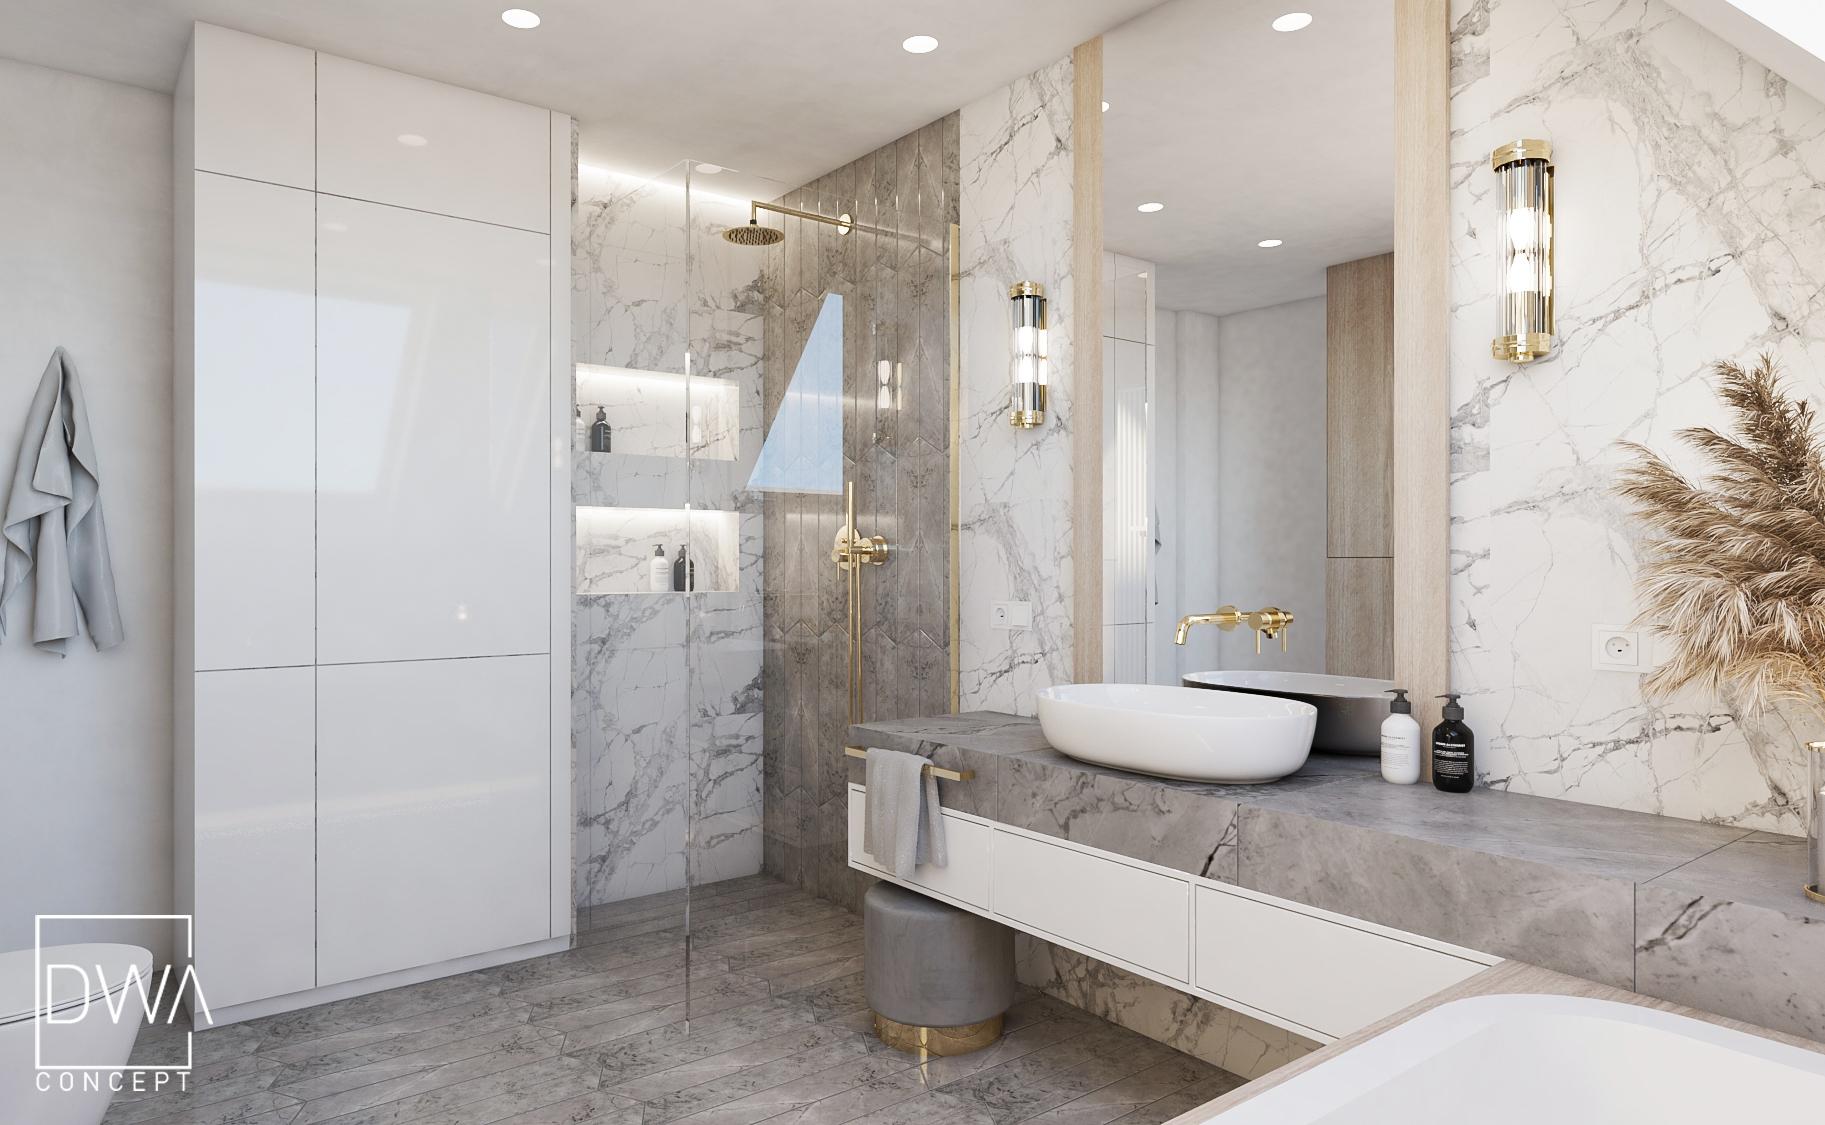 łazienka glamour projekt wnętrz projektowanie wnętrz dwaconcept architekt wnętrz sosnowiec nowy targ rabka zdrój projektant wnętrz kraków małopolska, projektowanie wnętrz Wadowice